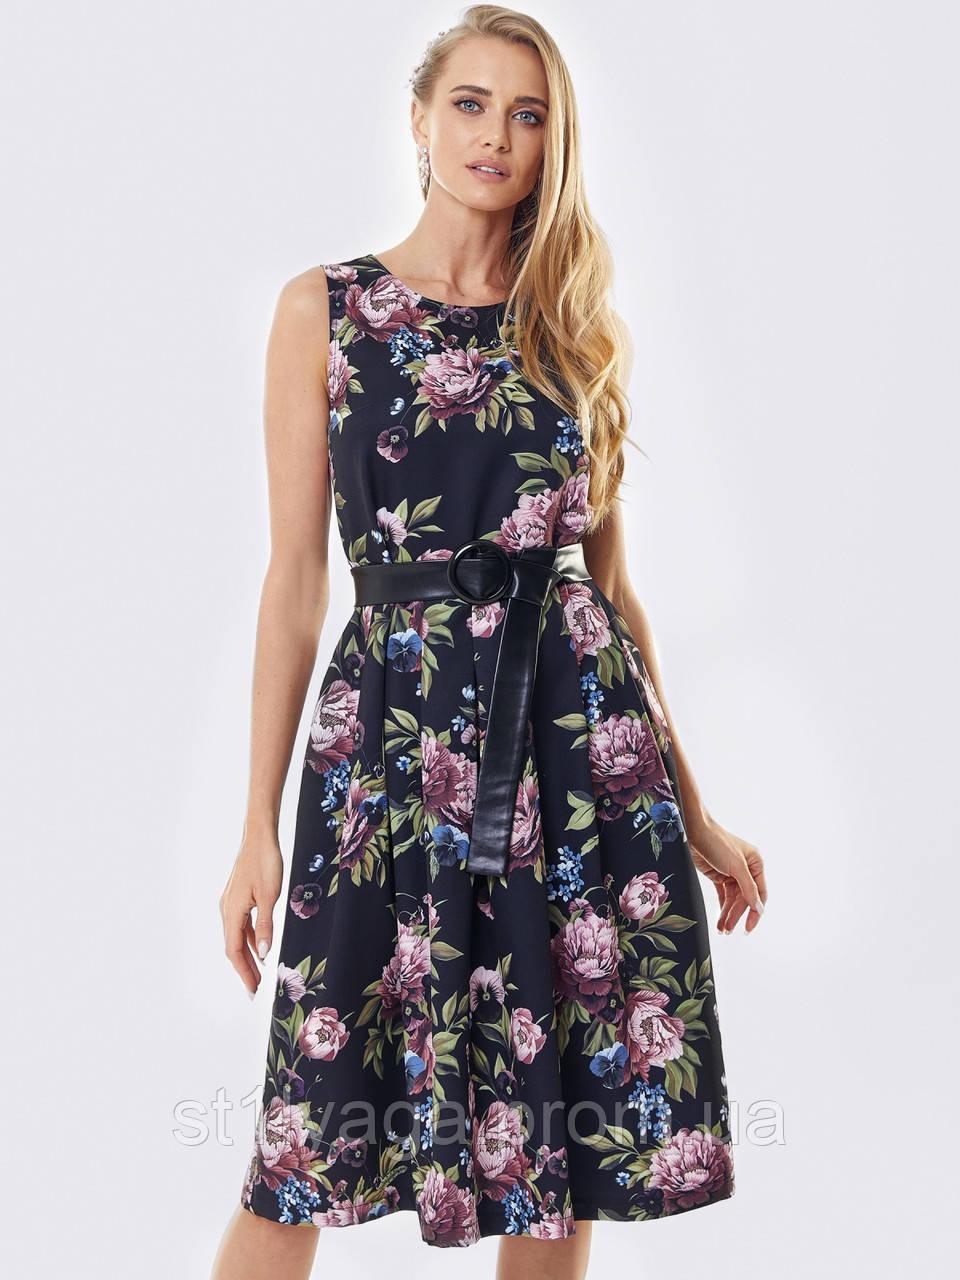 Принтованное платье без рукавов в цветочном принте черное